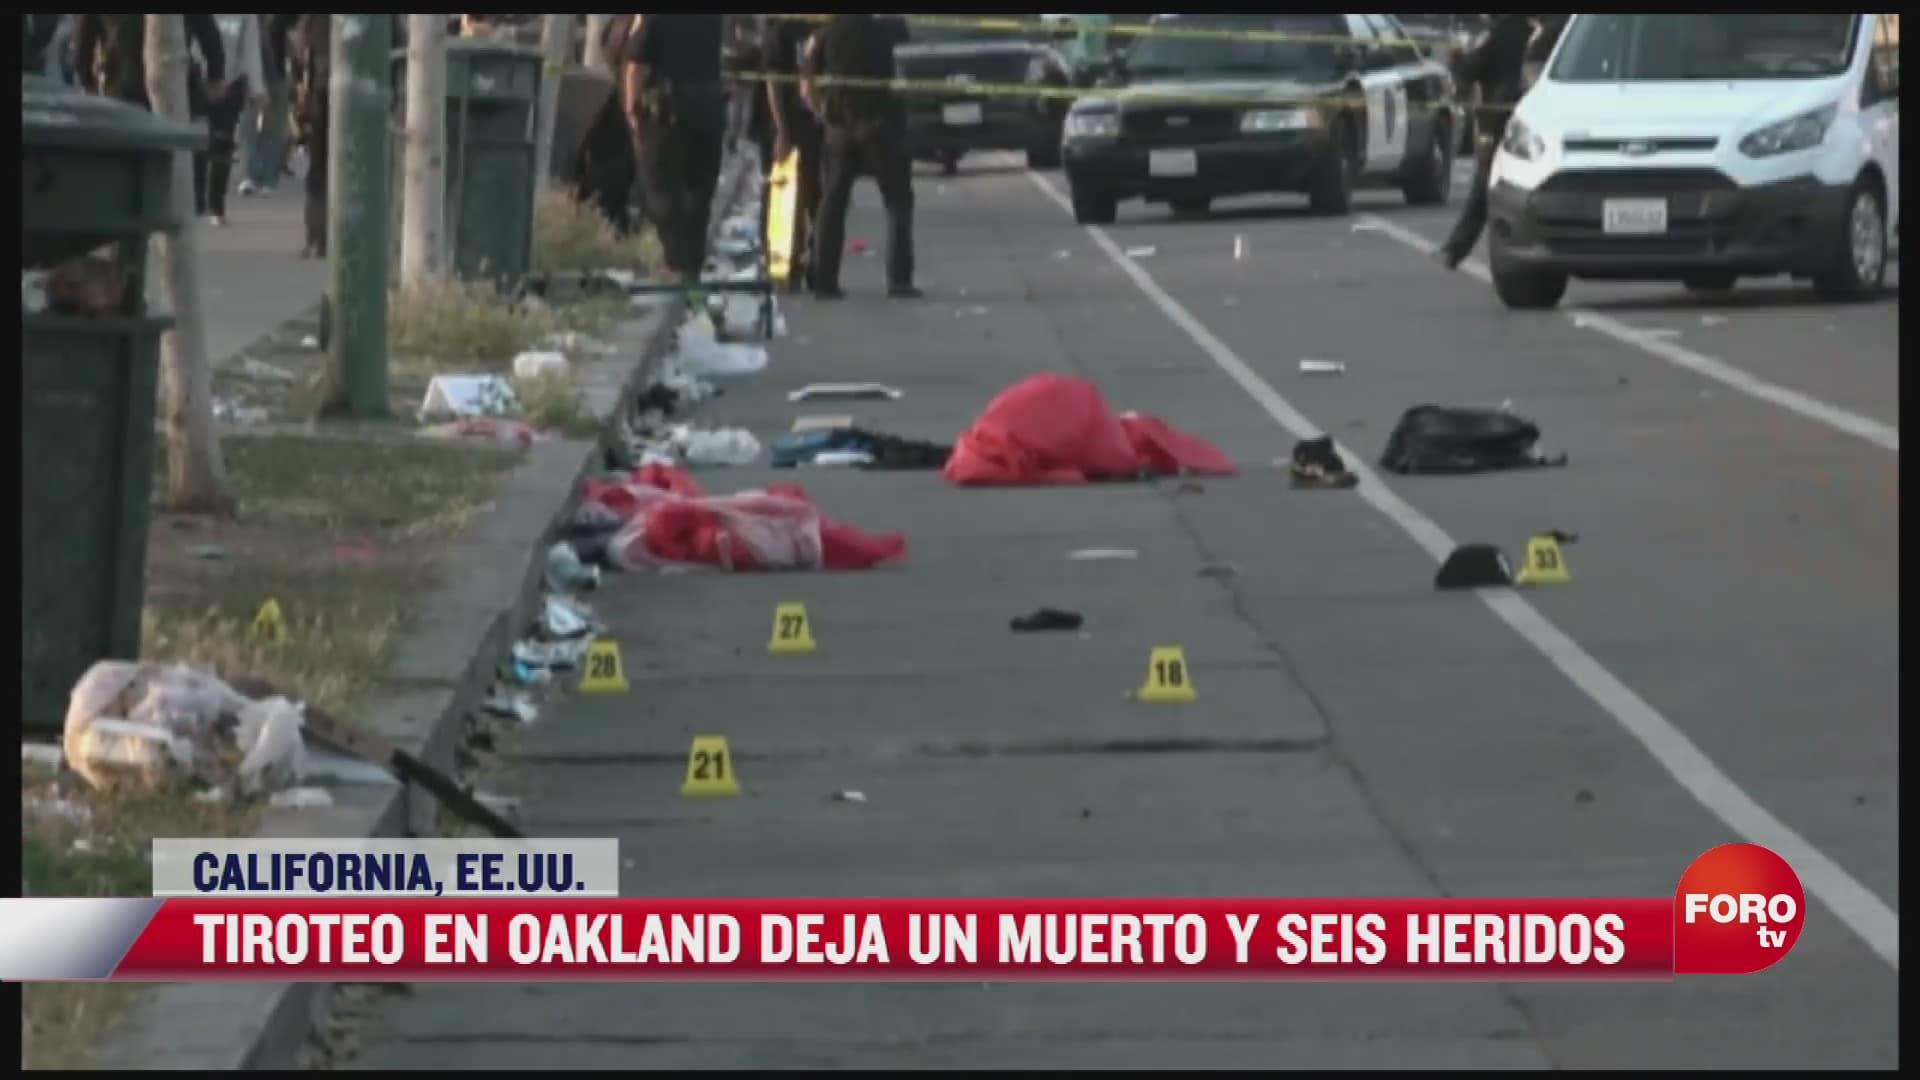 tiroteo en oakland california deja un muerto y seis heridos